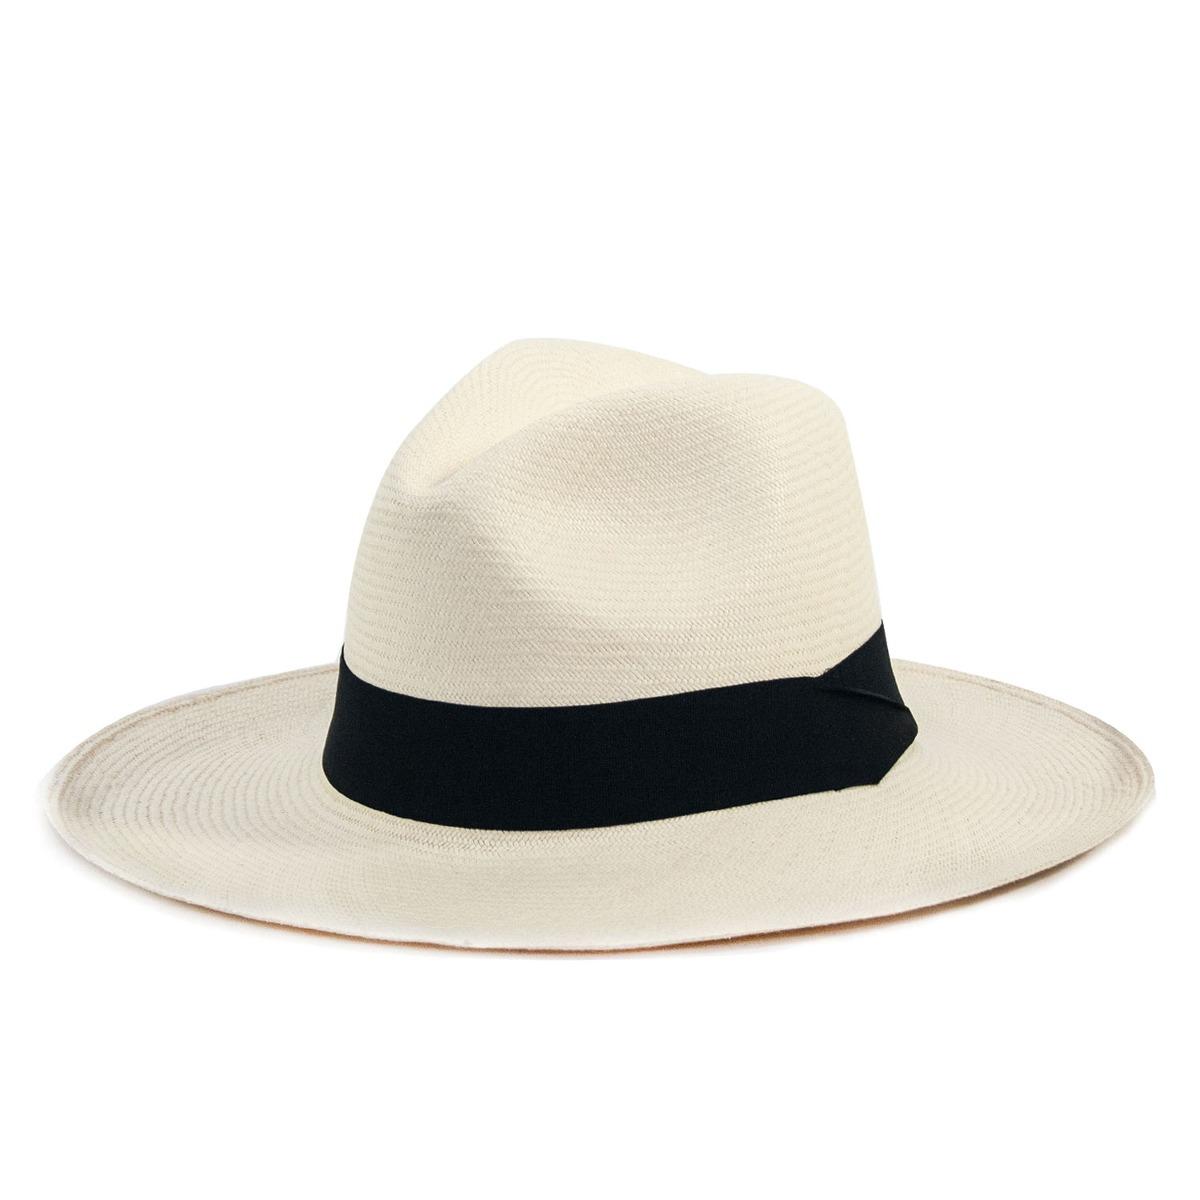 chapéu panamá original montecristi toquilla aba larga marfim. Carregando  zoom. b5c80a349e8